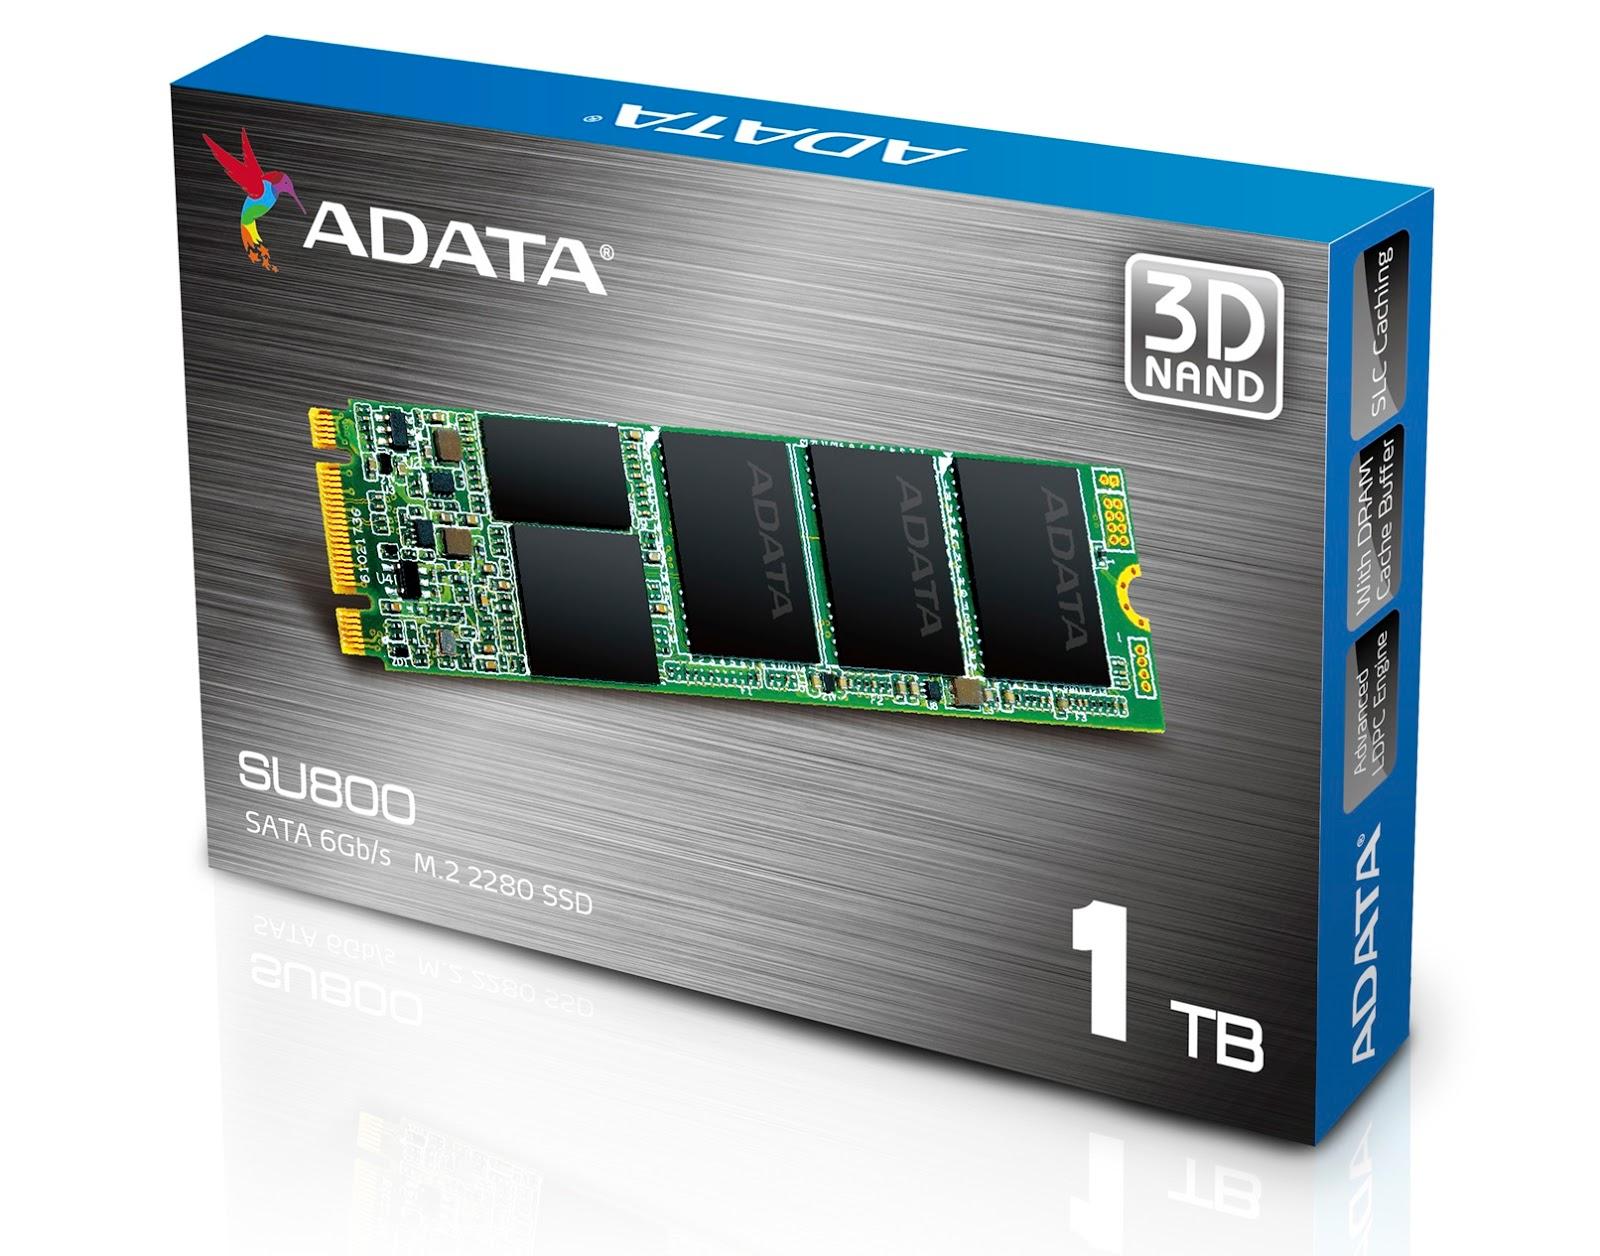 ADATA Ultimate SU800 M.2 2280 SATA 6Gb/s 3D NAND SSD